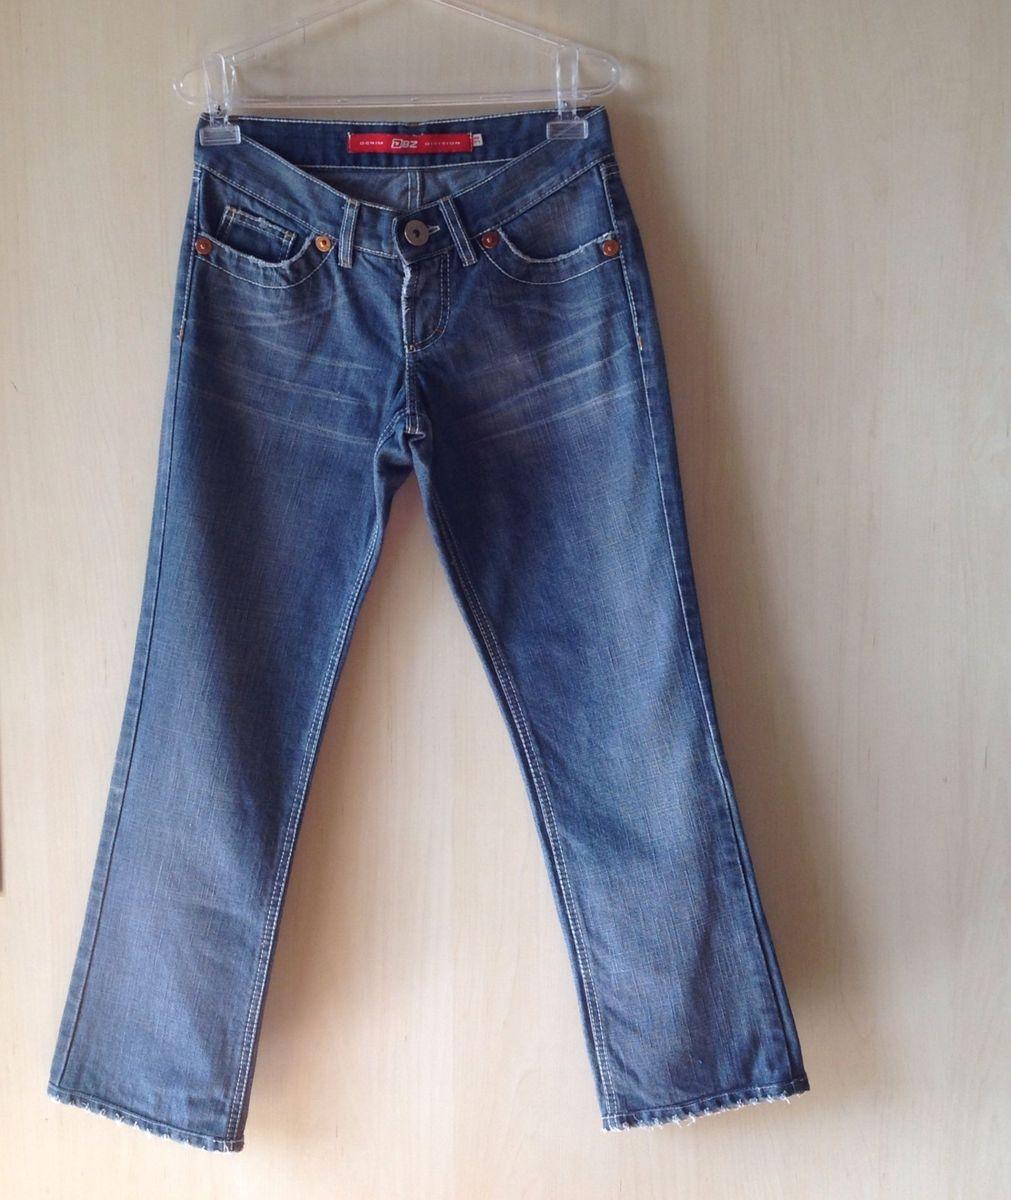 c20e571ea calça jeans azul claro modelagem tradicional reta e cós médio - calças dbz